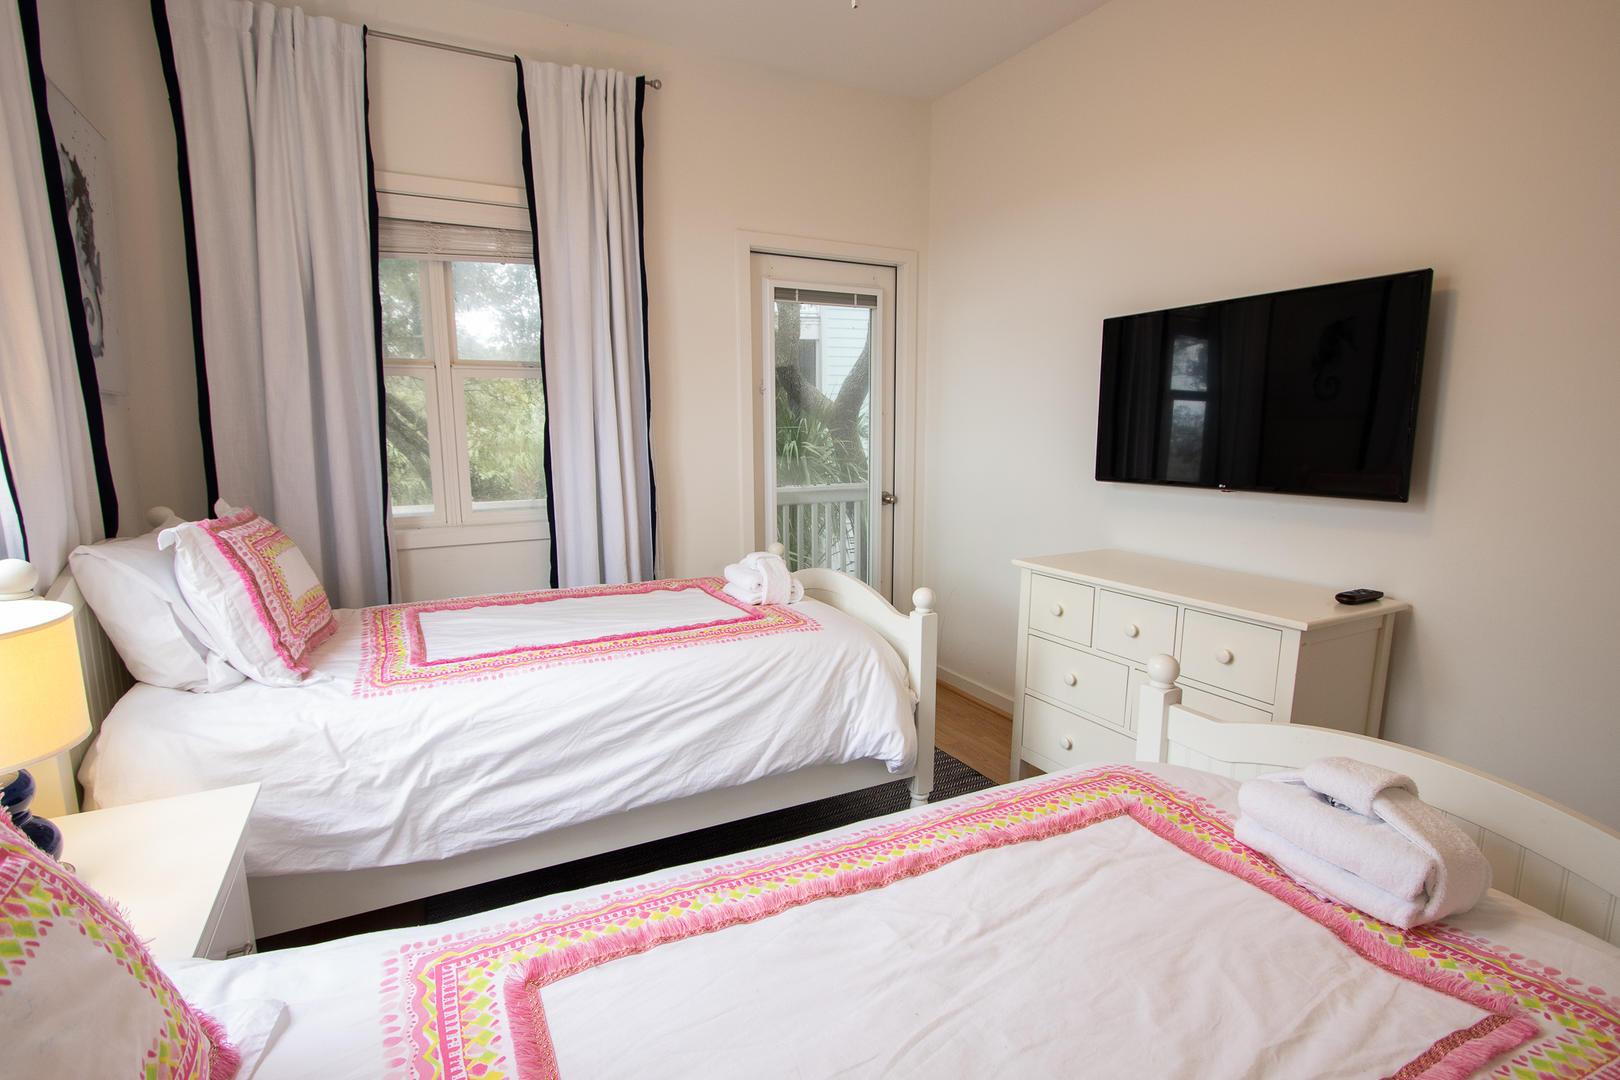 Bedroom 3, TV, access to screened balcony